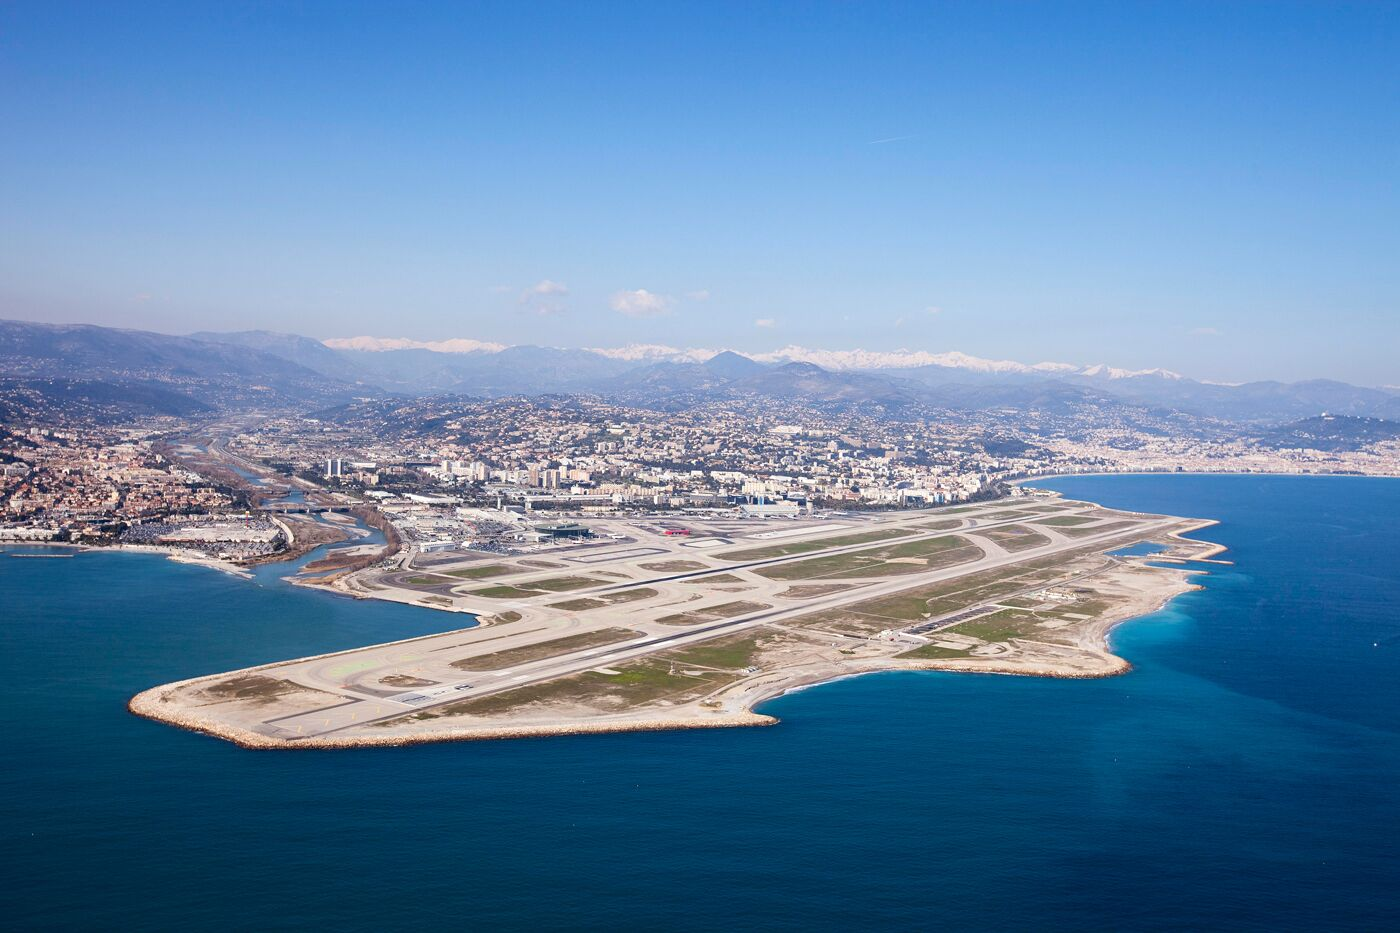 Nice-Côte d'Azur, premier aéroport non-parisien en France fait partie des signataires du  NetZeroCarbon2050 © Nice-Côte d'Azur